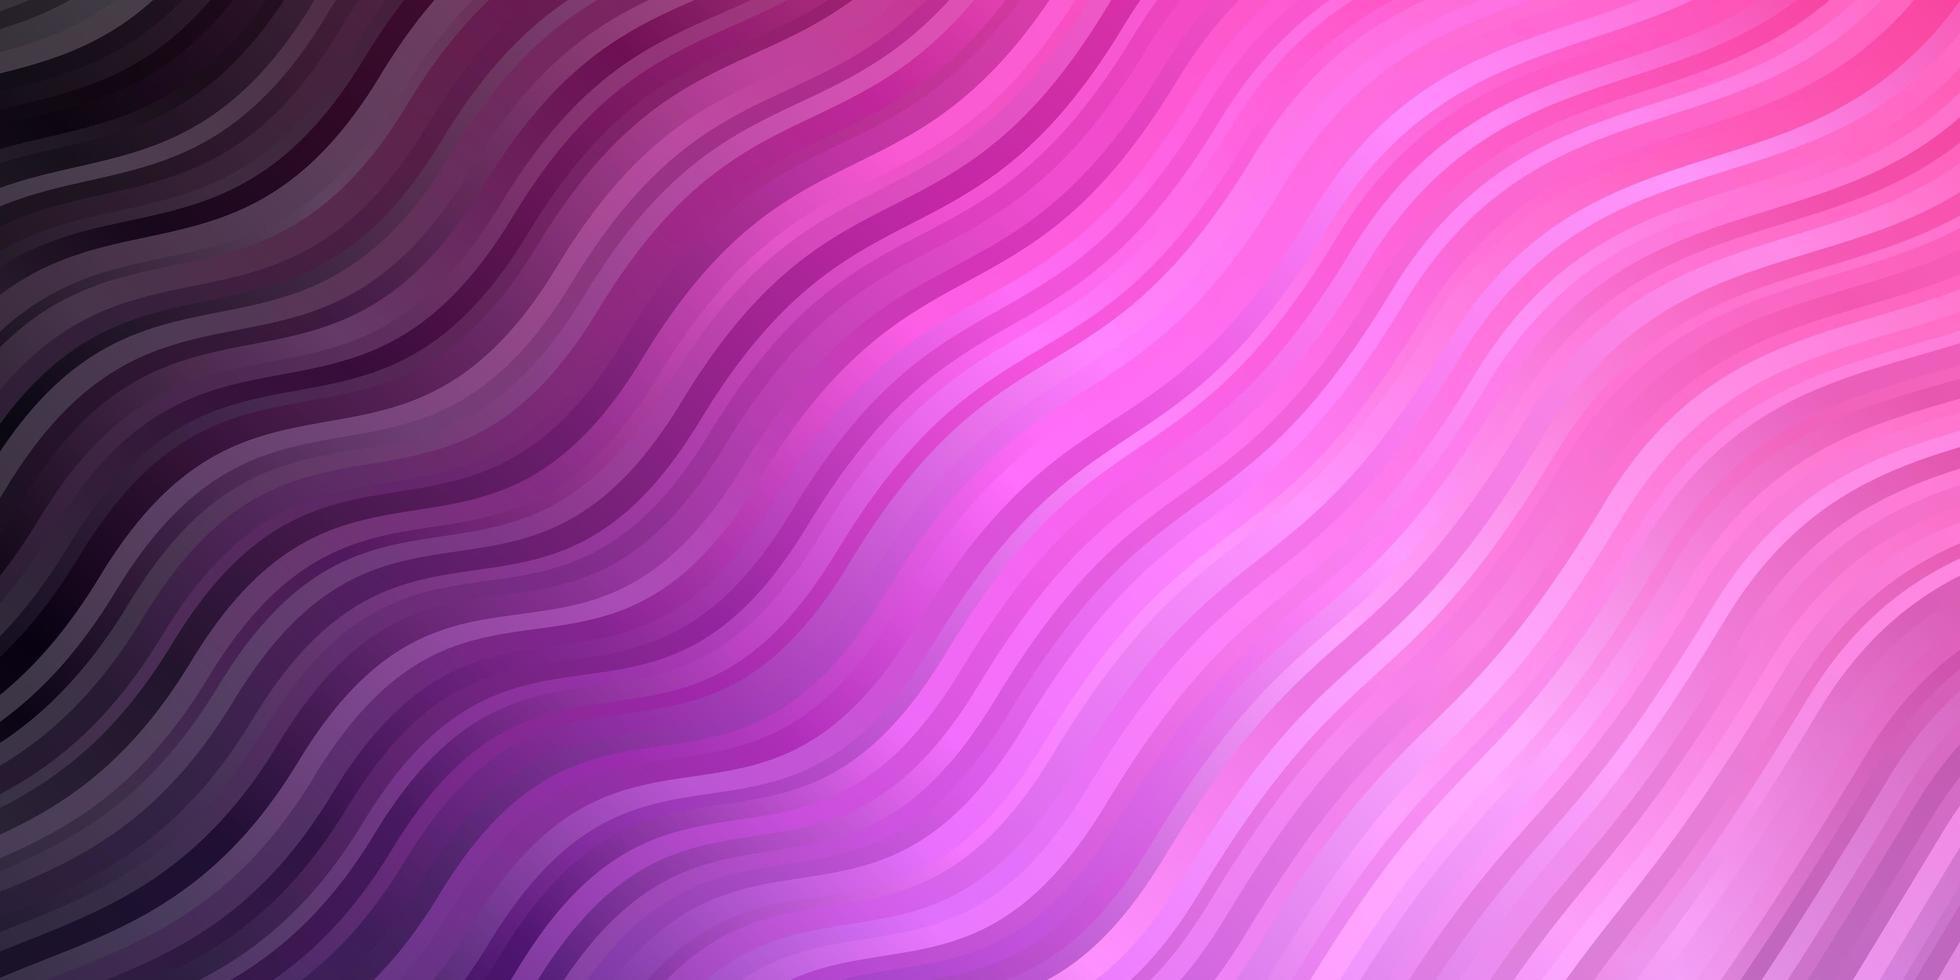 sfondo vettoriale viola chiaro con curve.